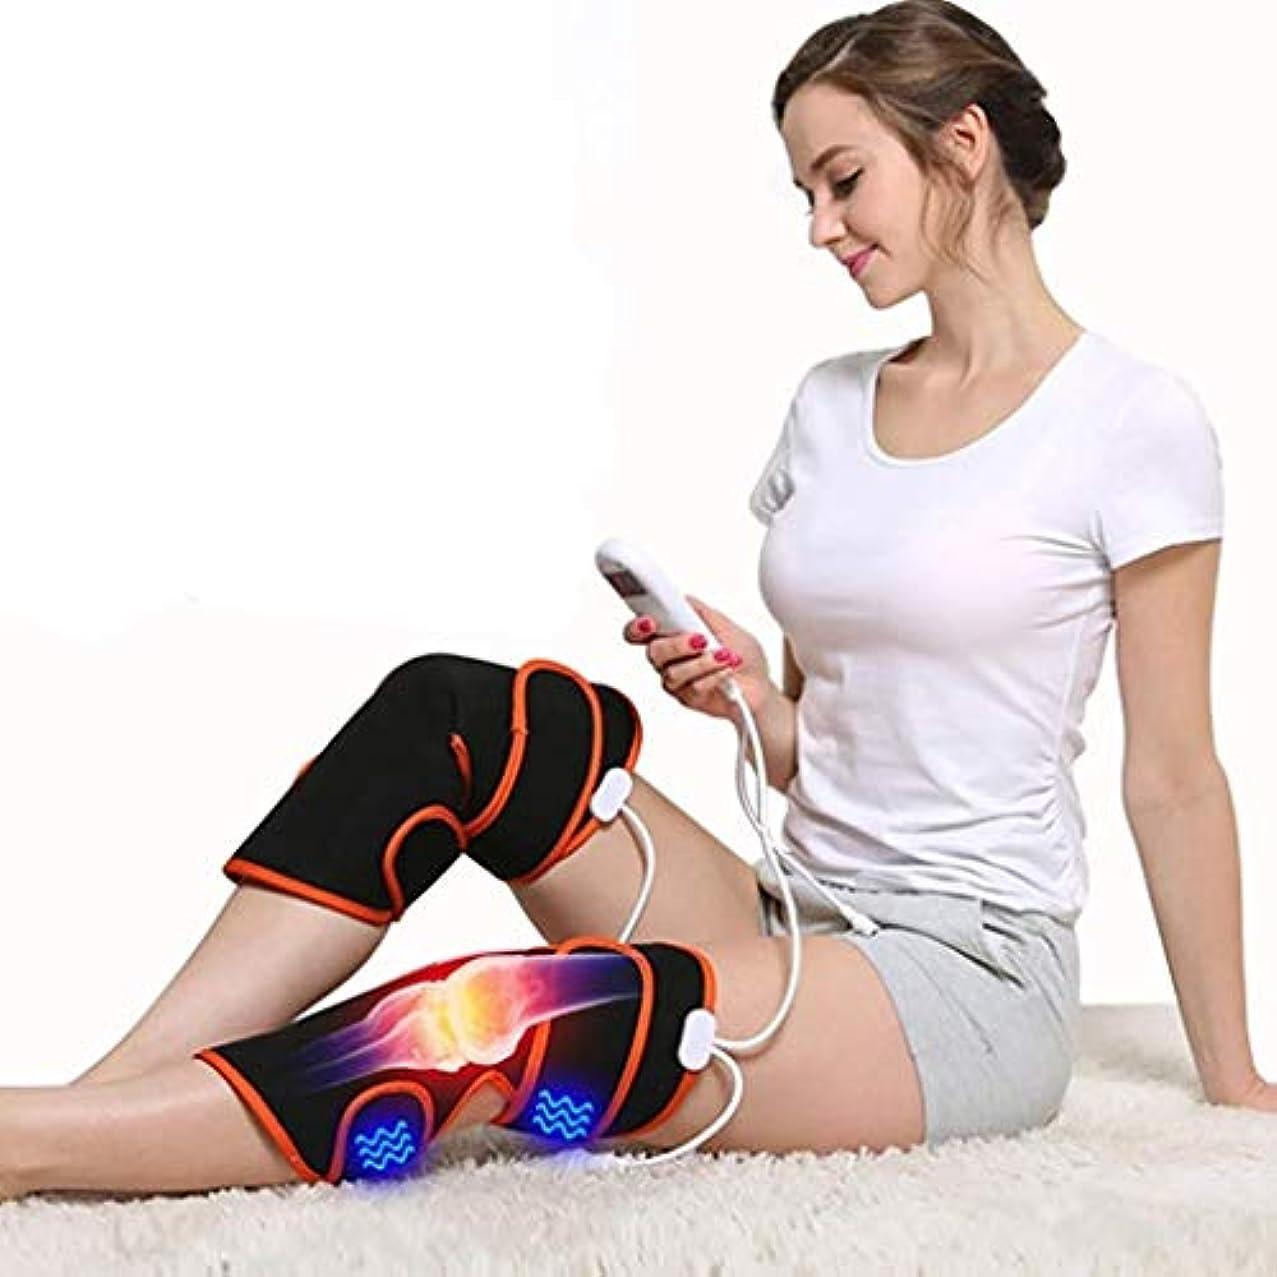 広まったスタジアムジョイントレッグマッサージャー、膝用電熱パッド、9種類のマッサージモードと5種類の調整可能な温かい温熱療法